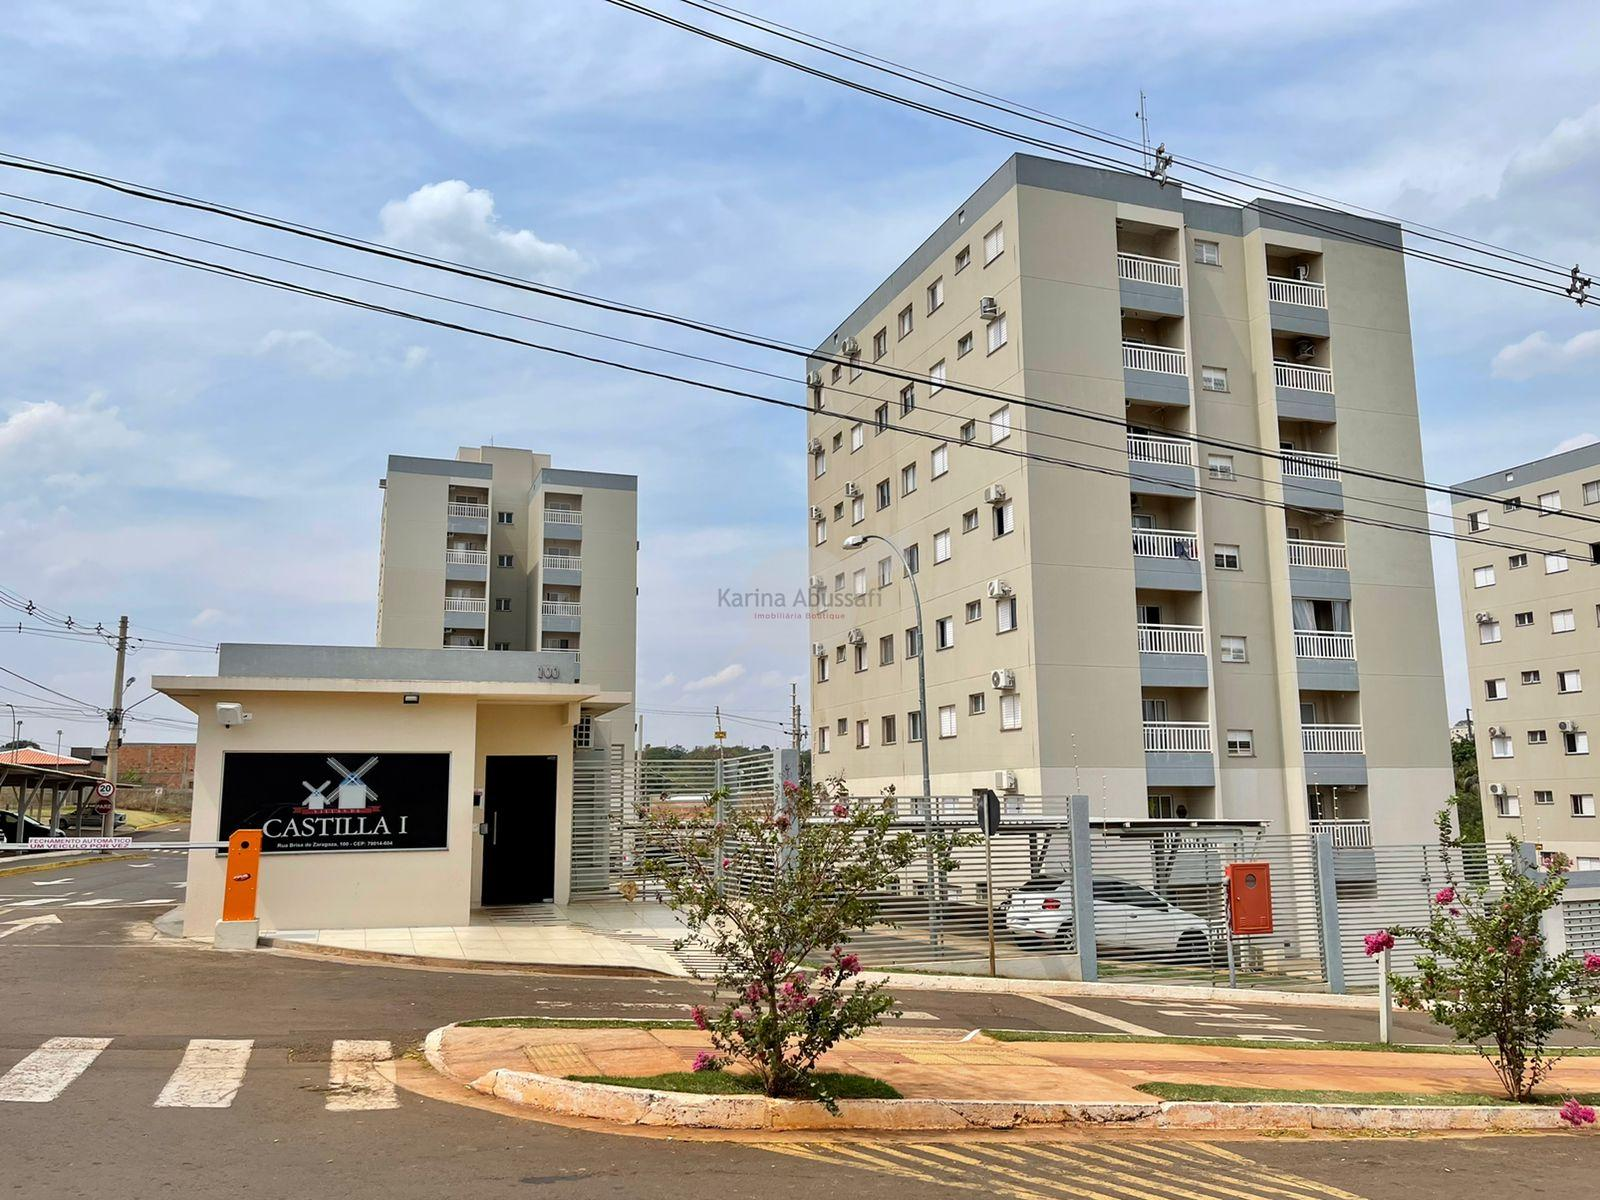 Villas de Castilla I | apto 333